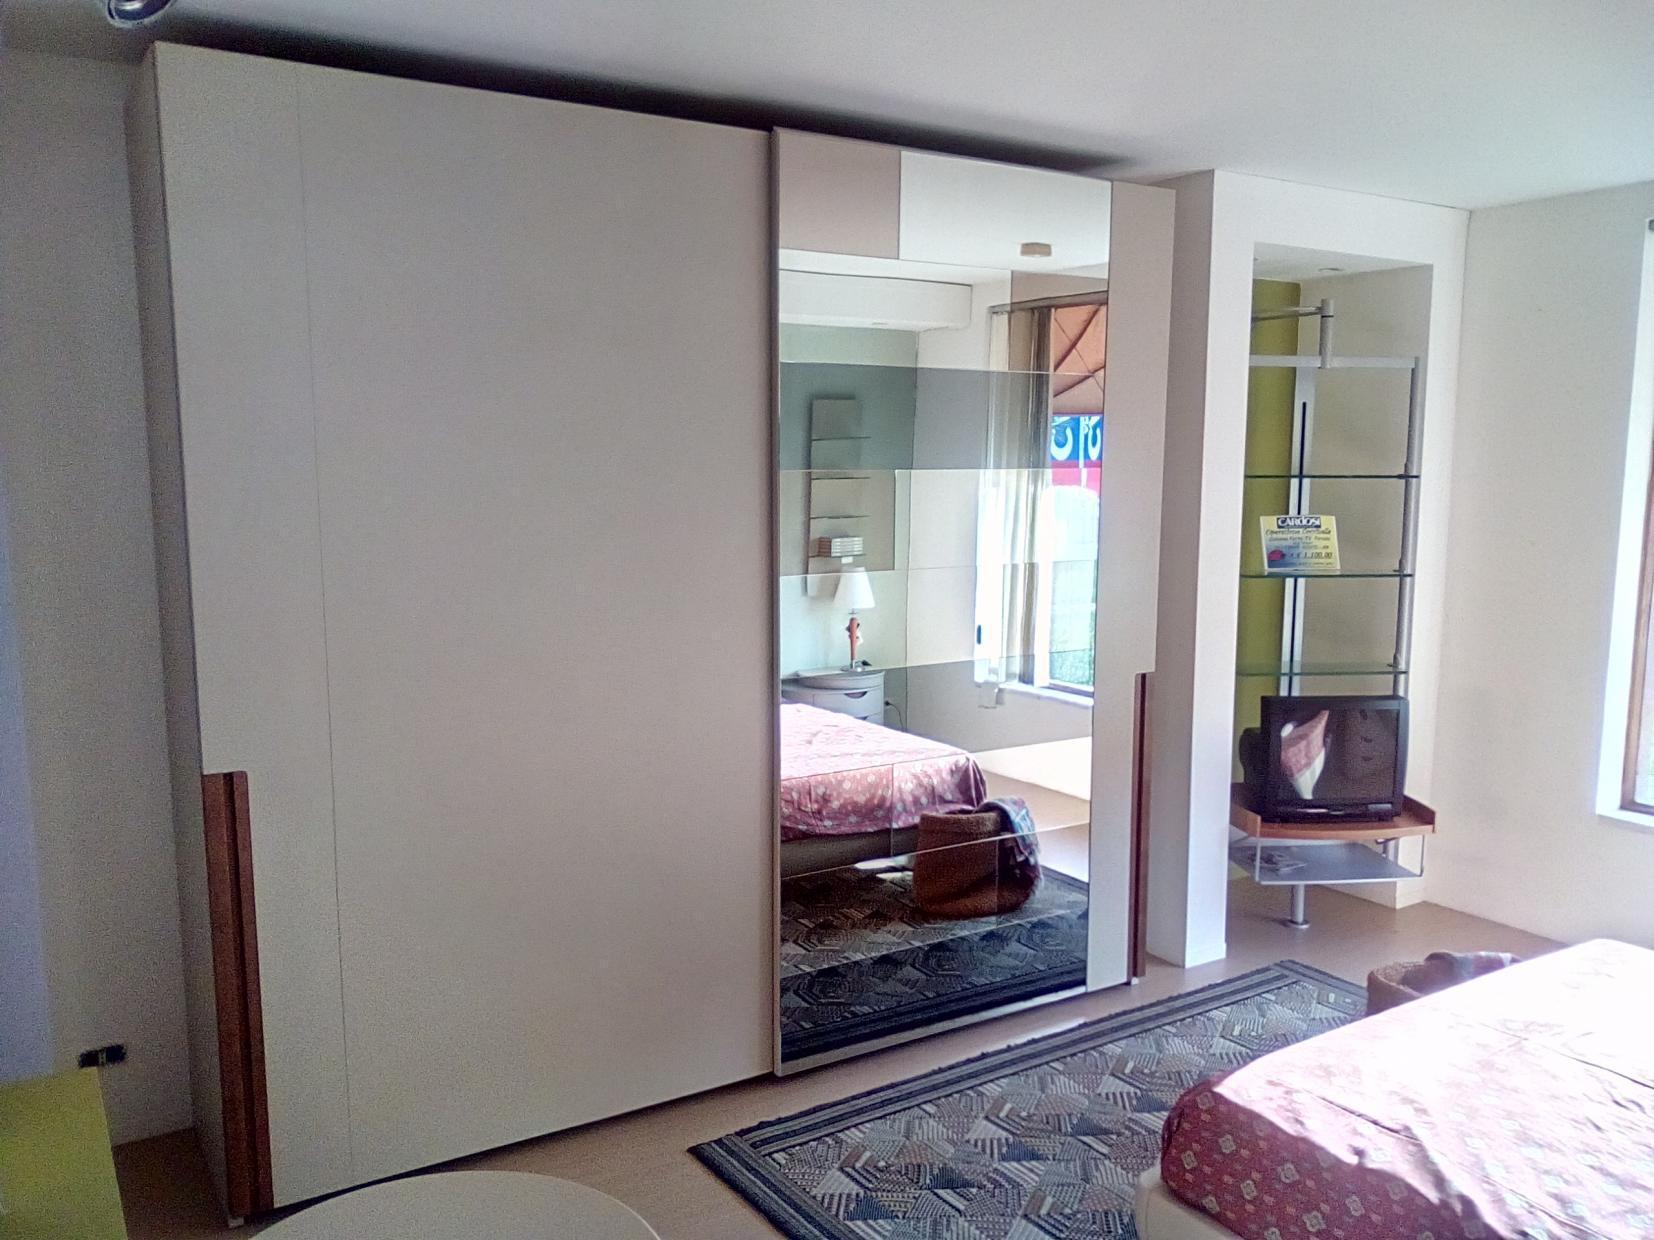 Camera da letto fazzini mod marilyn glamour cardosi for Fazzini arredamenti